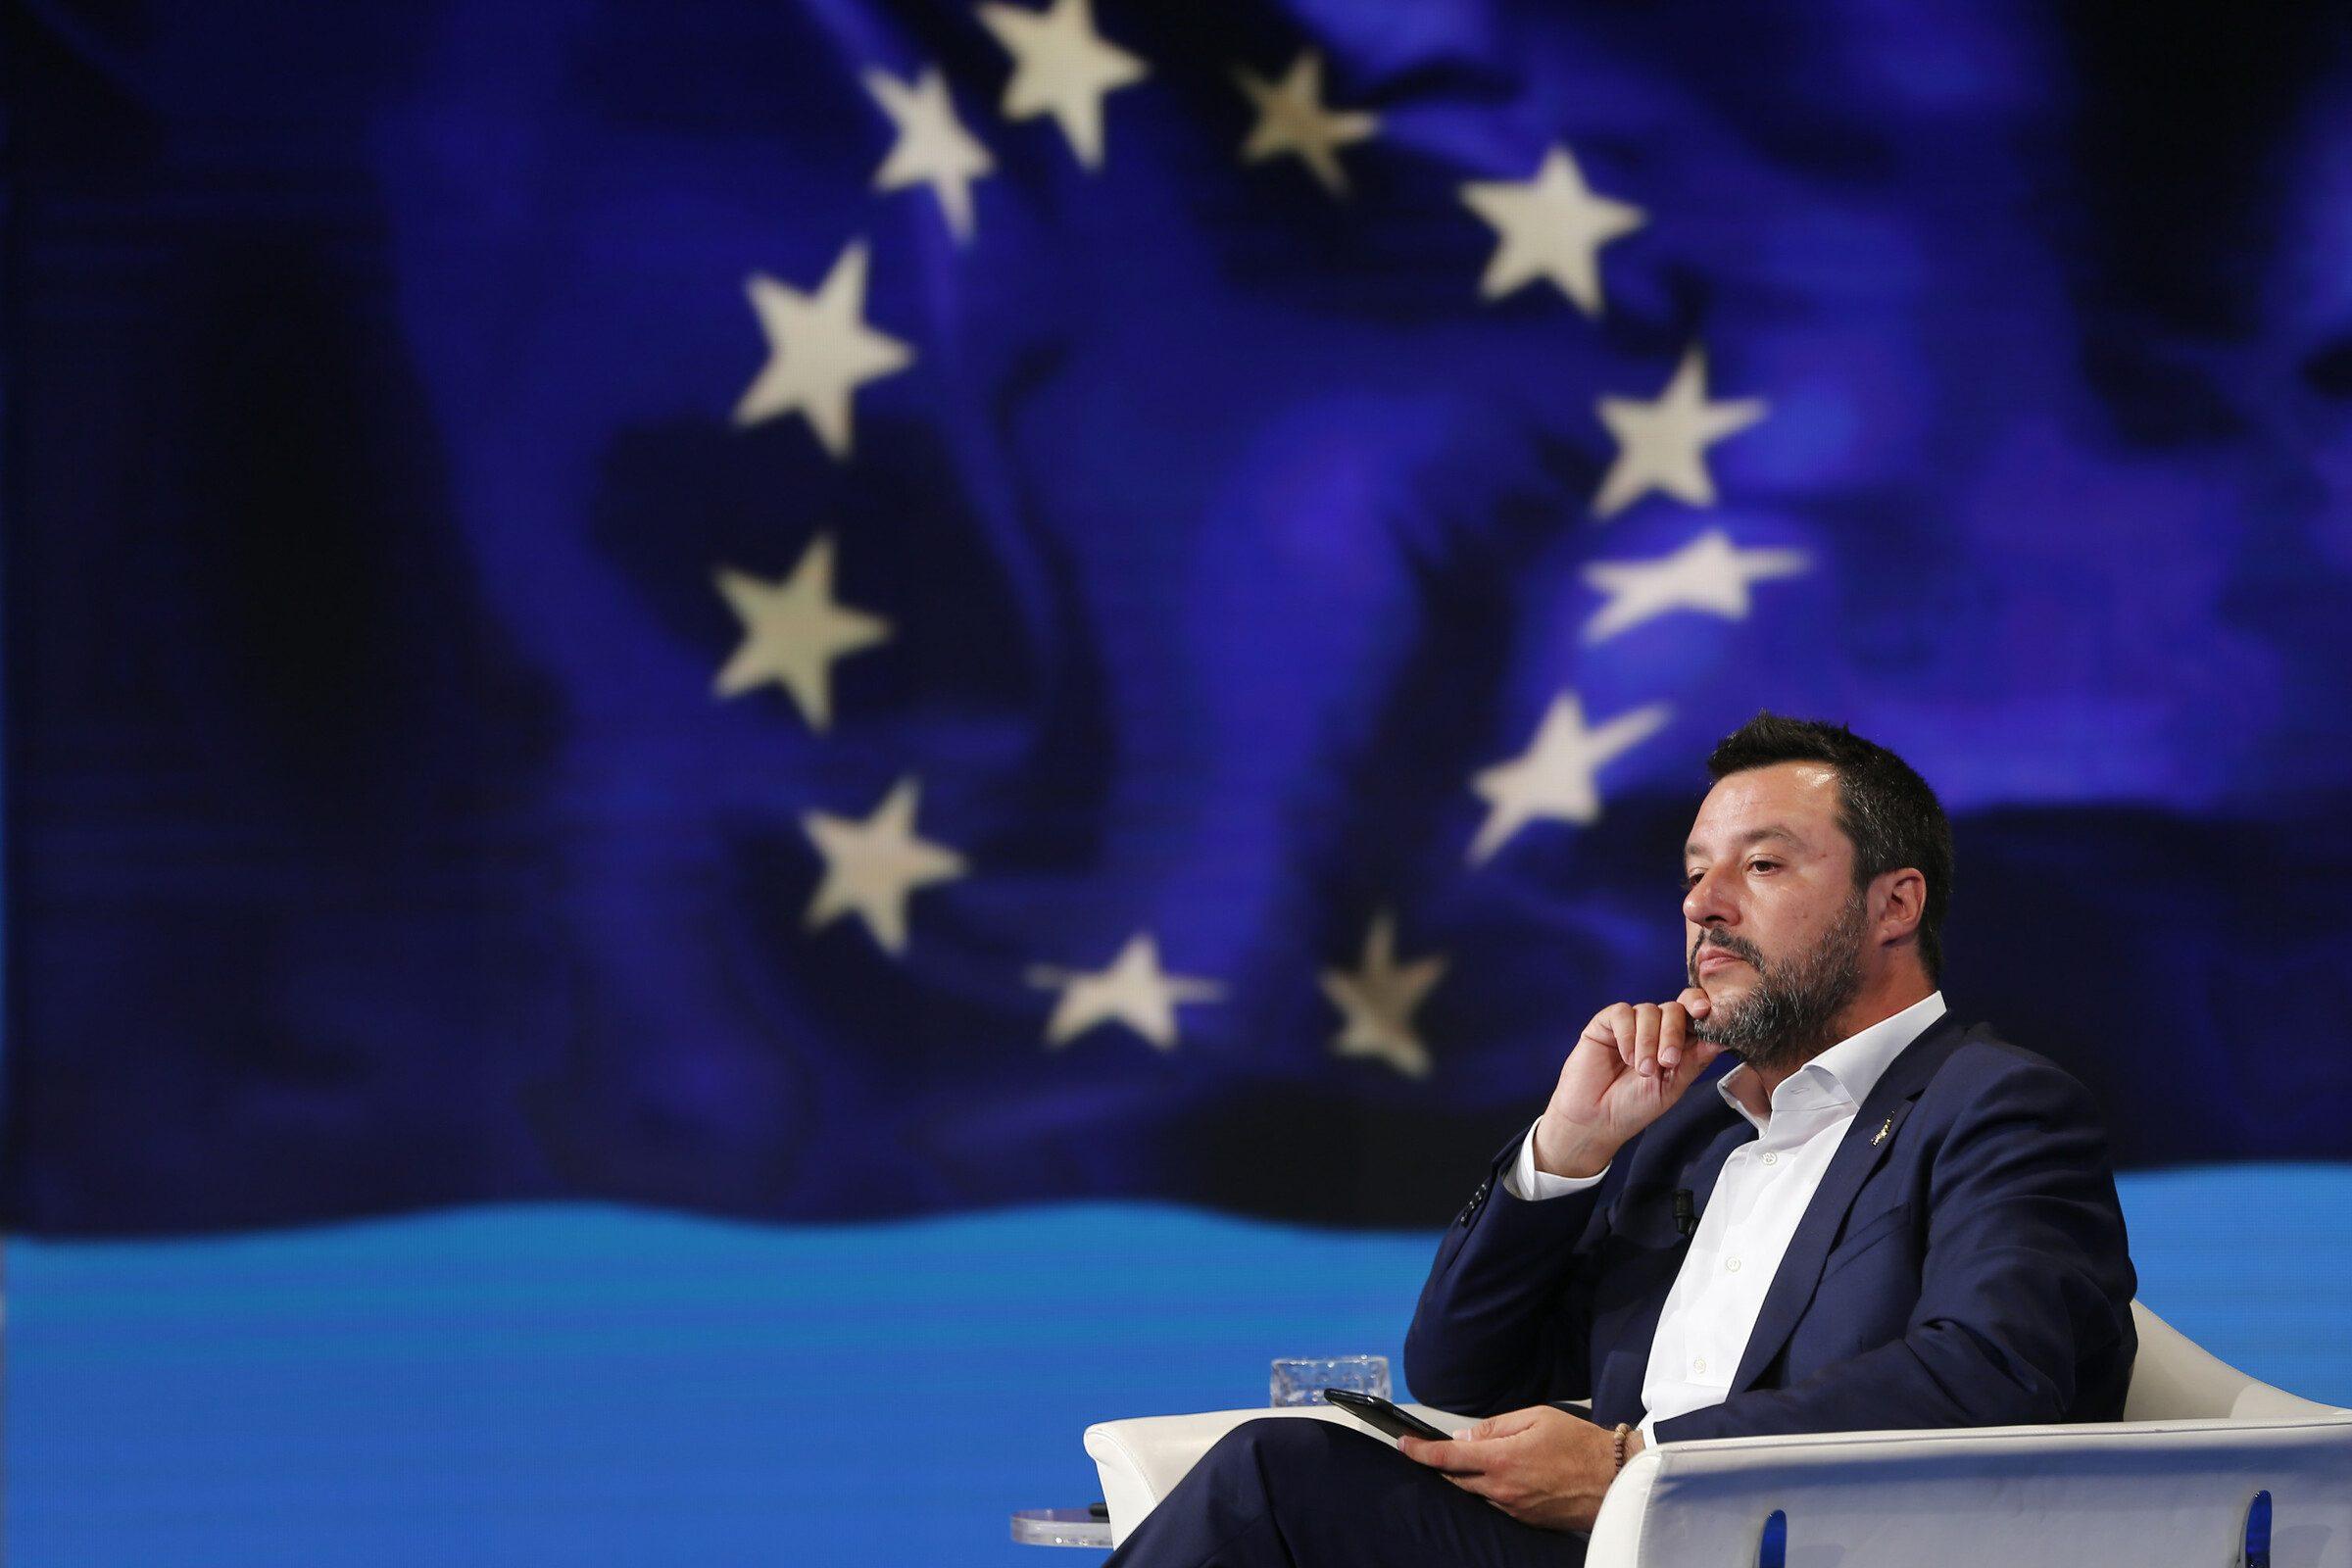 140c0ffd97 Lo spread vola verso i 290 punti, Matteo Salvini: Vediamo se arriva la  letterina da Bruxelles